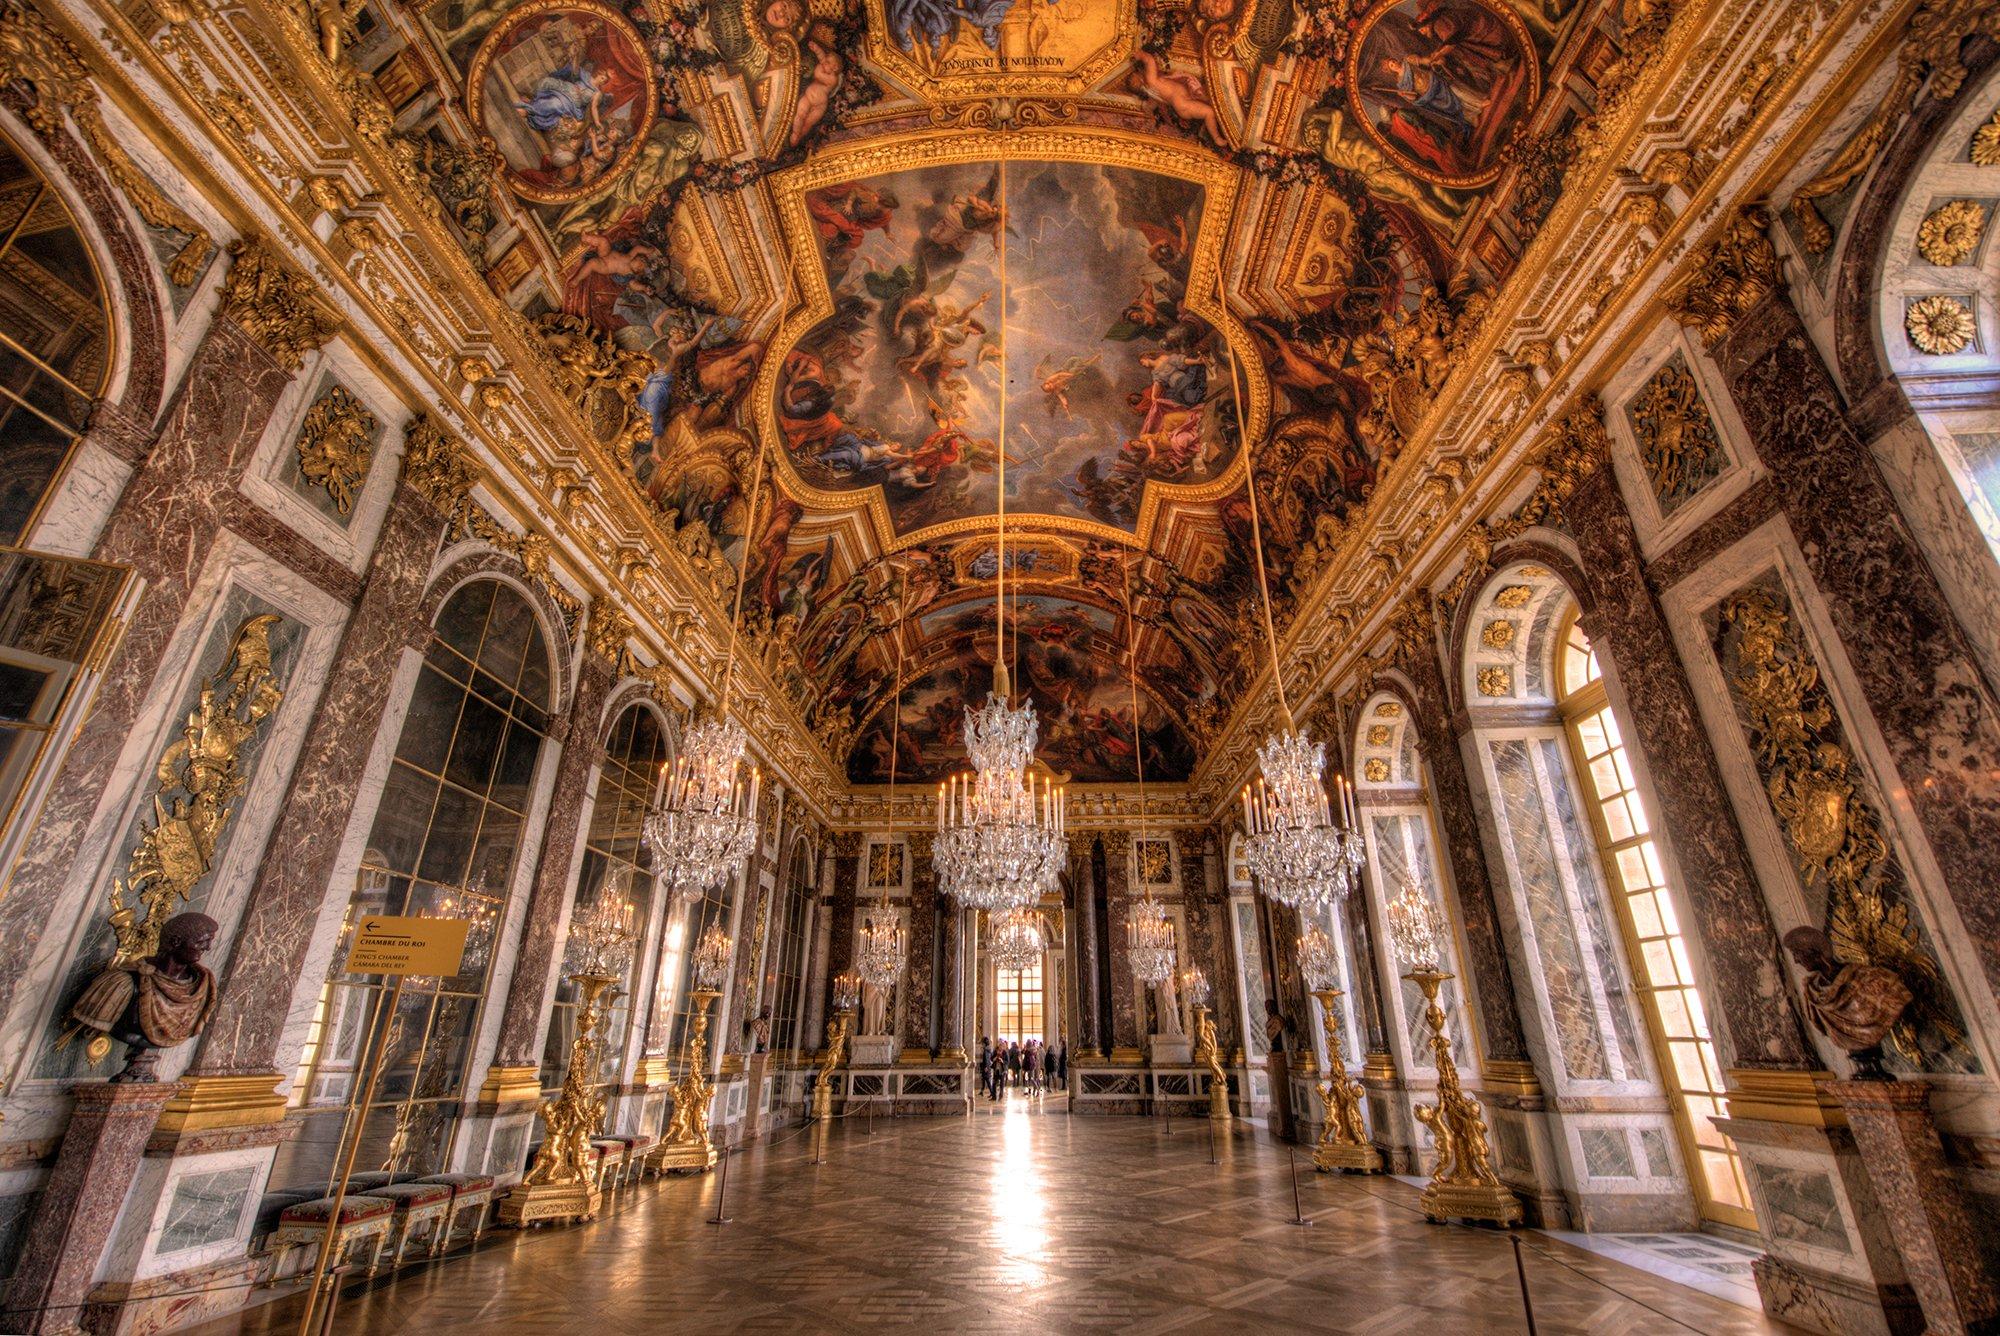 牛欣欣图片 百度百科 as well Kawasaki Z800 likewise 天才儿童画的创意思维 网易新闻中心 besides 王祖藍大鼻、厚嘴唇、粗眉,以及面形似足黃光亮 moreover Hall Of Mirrors Versailles Palace France. on 806 html